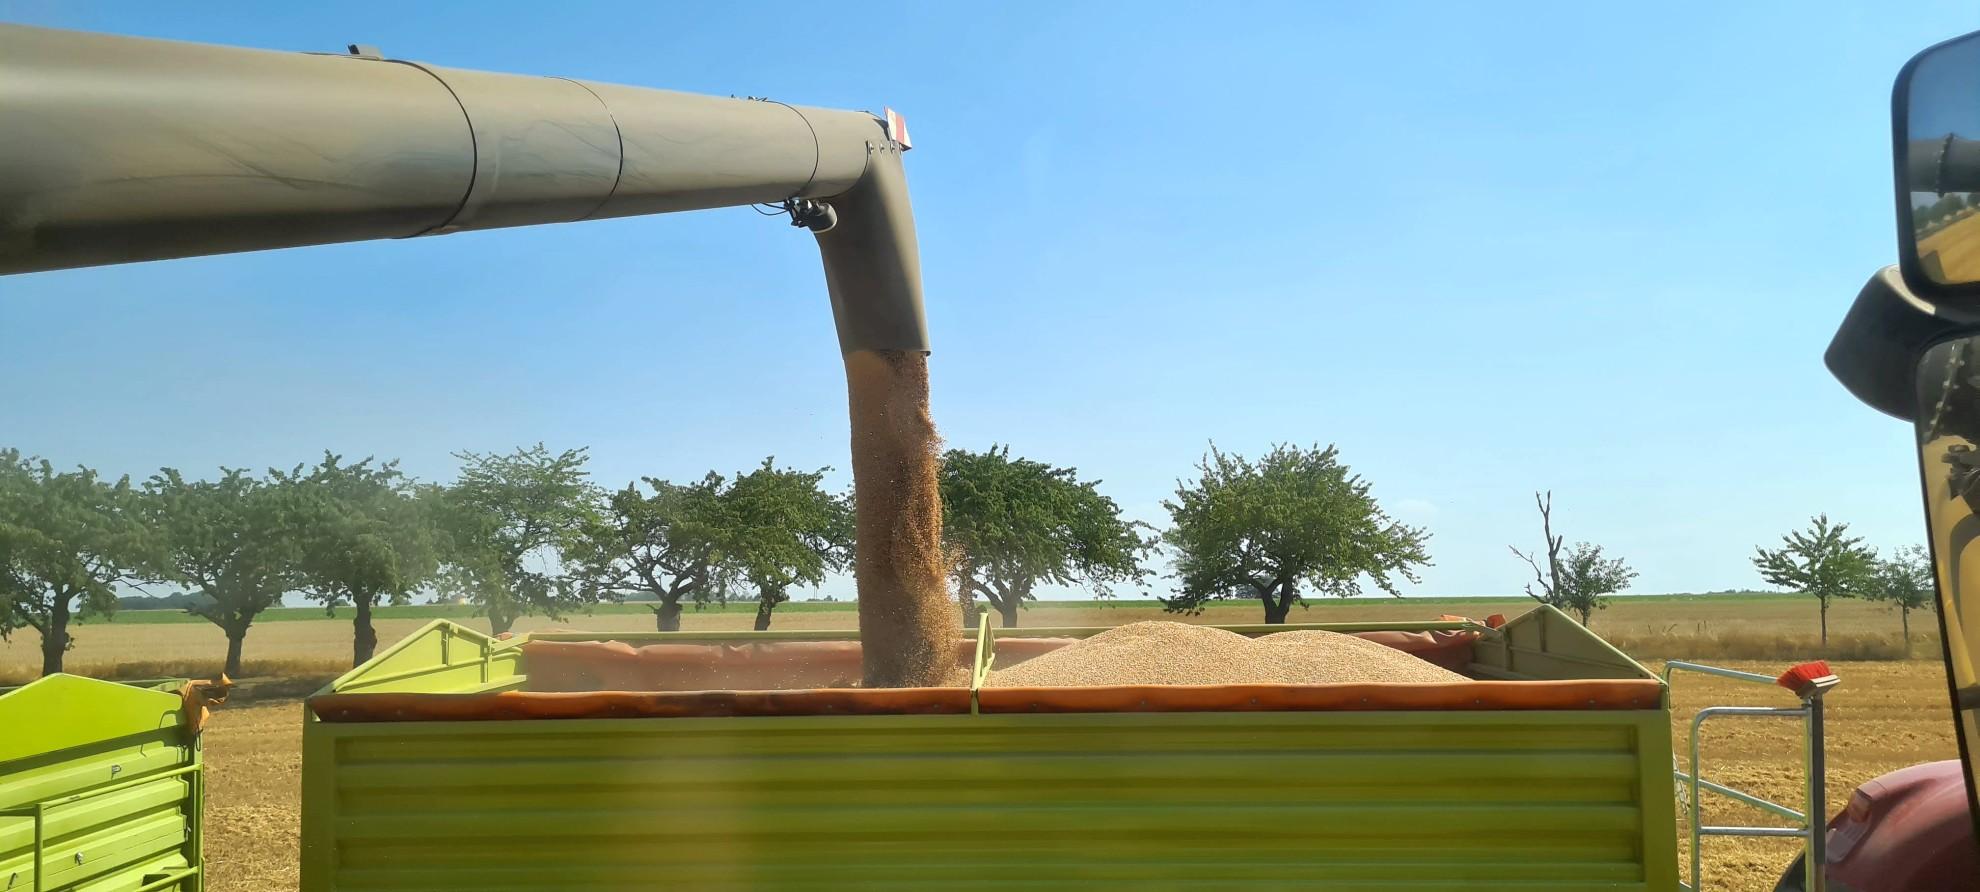 Das Abbunkern ist Präzisionsarbeit während der Ernte.